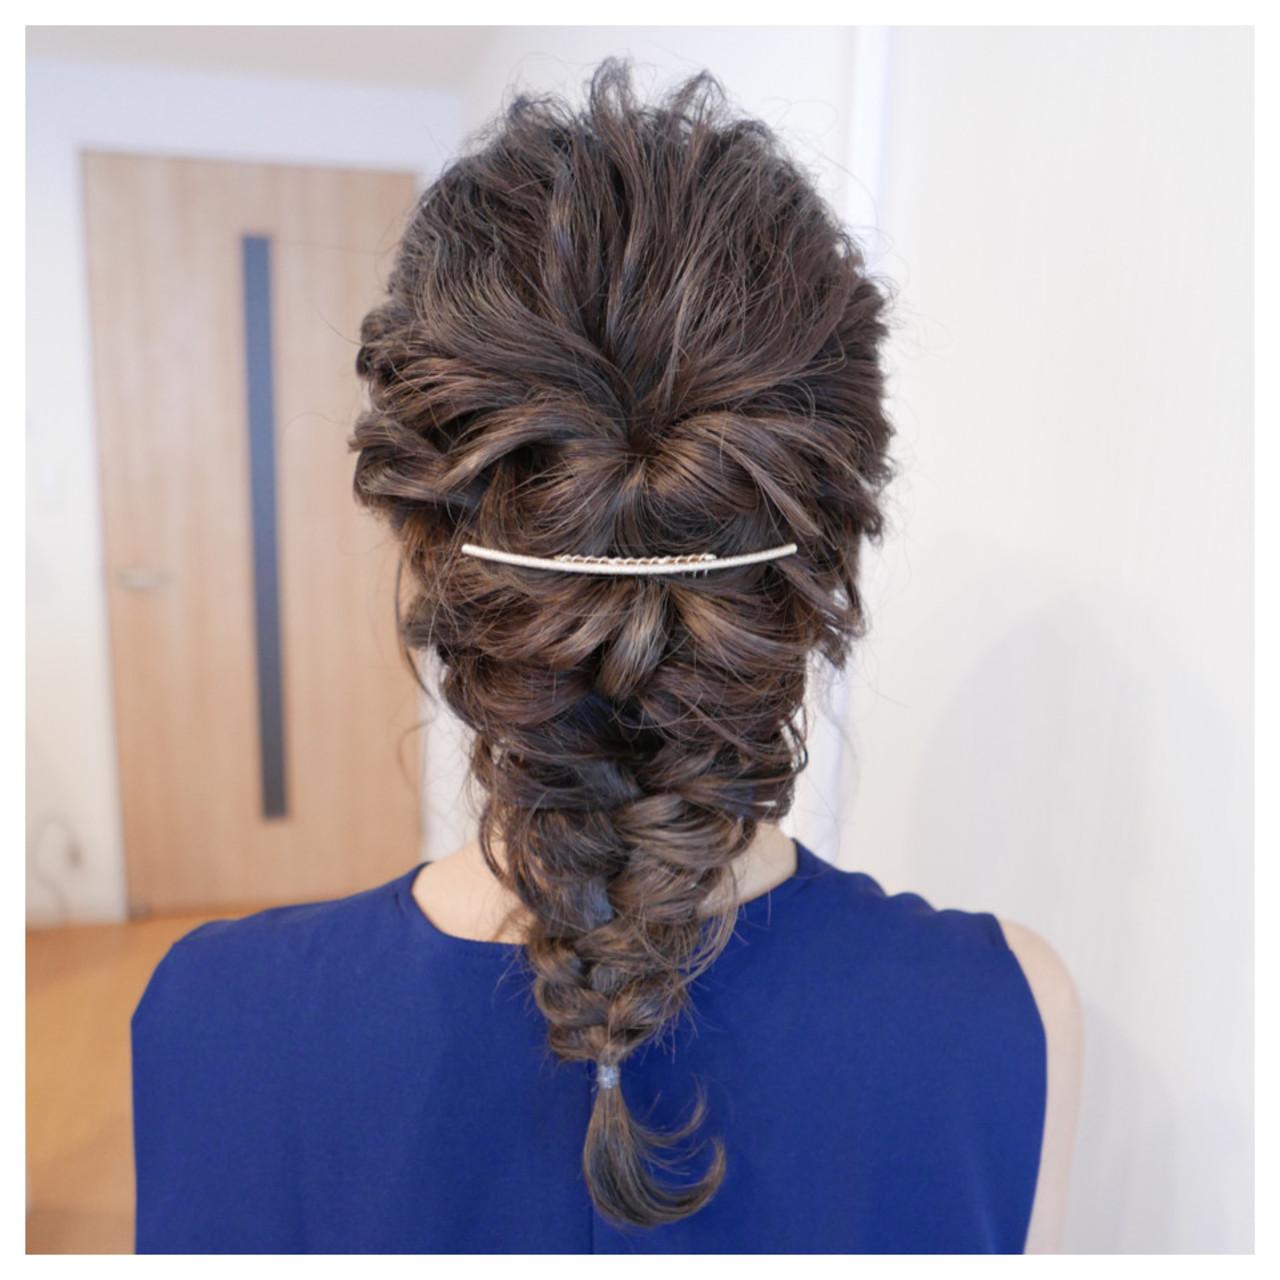 ブライダル ヘアアレンジ 編み込み ゆるふわ ヘアスタイルや髪型の写真・画像 | aoi / hair make laule'a